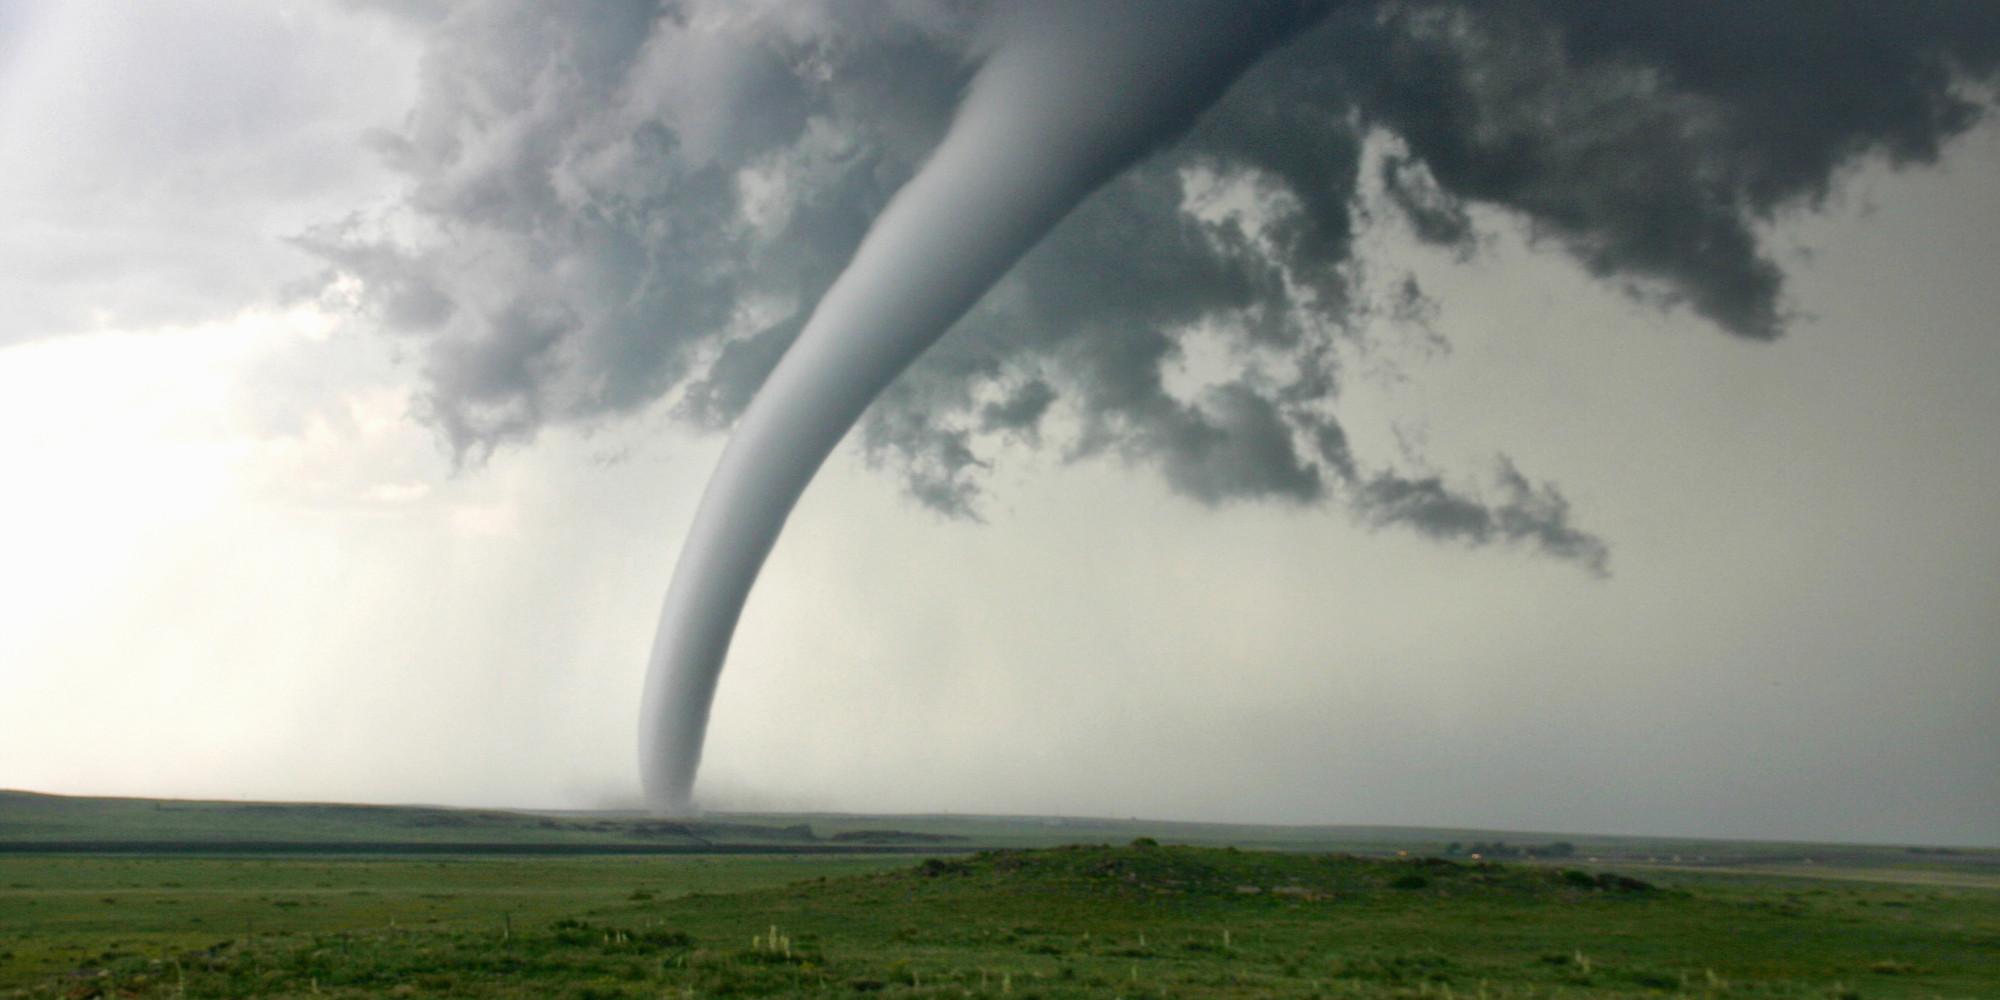 Graphic of tornado in open field